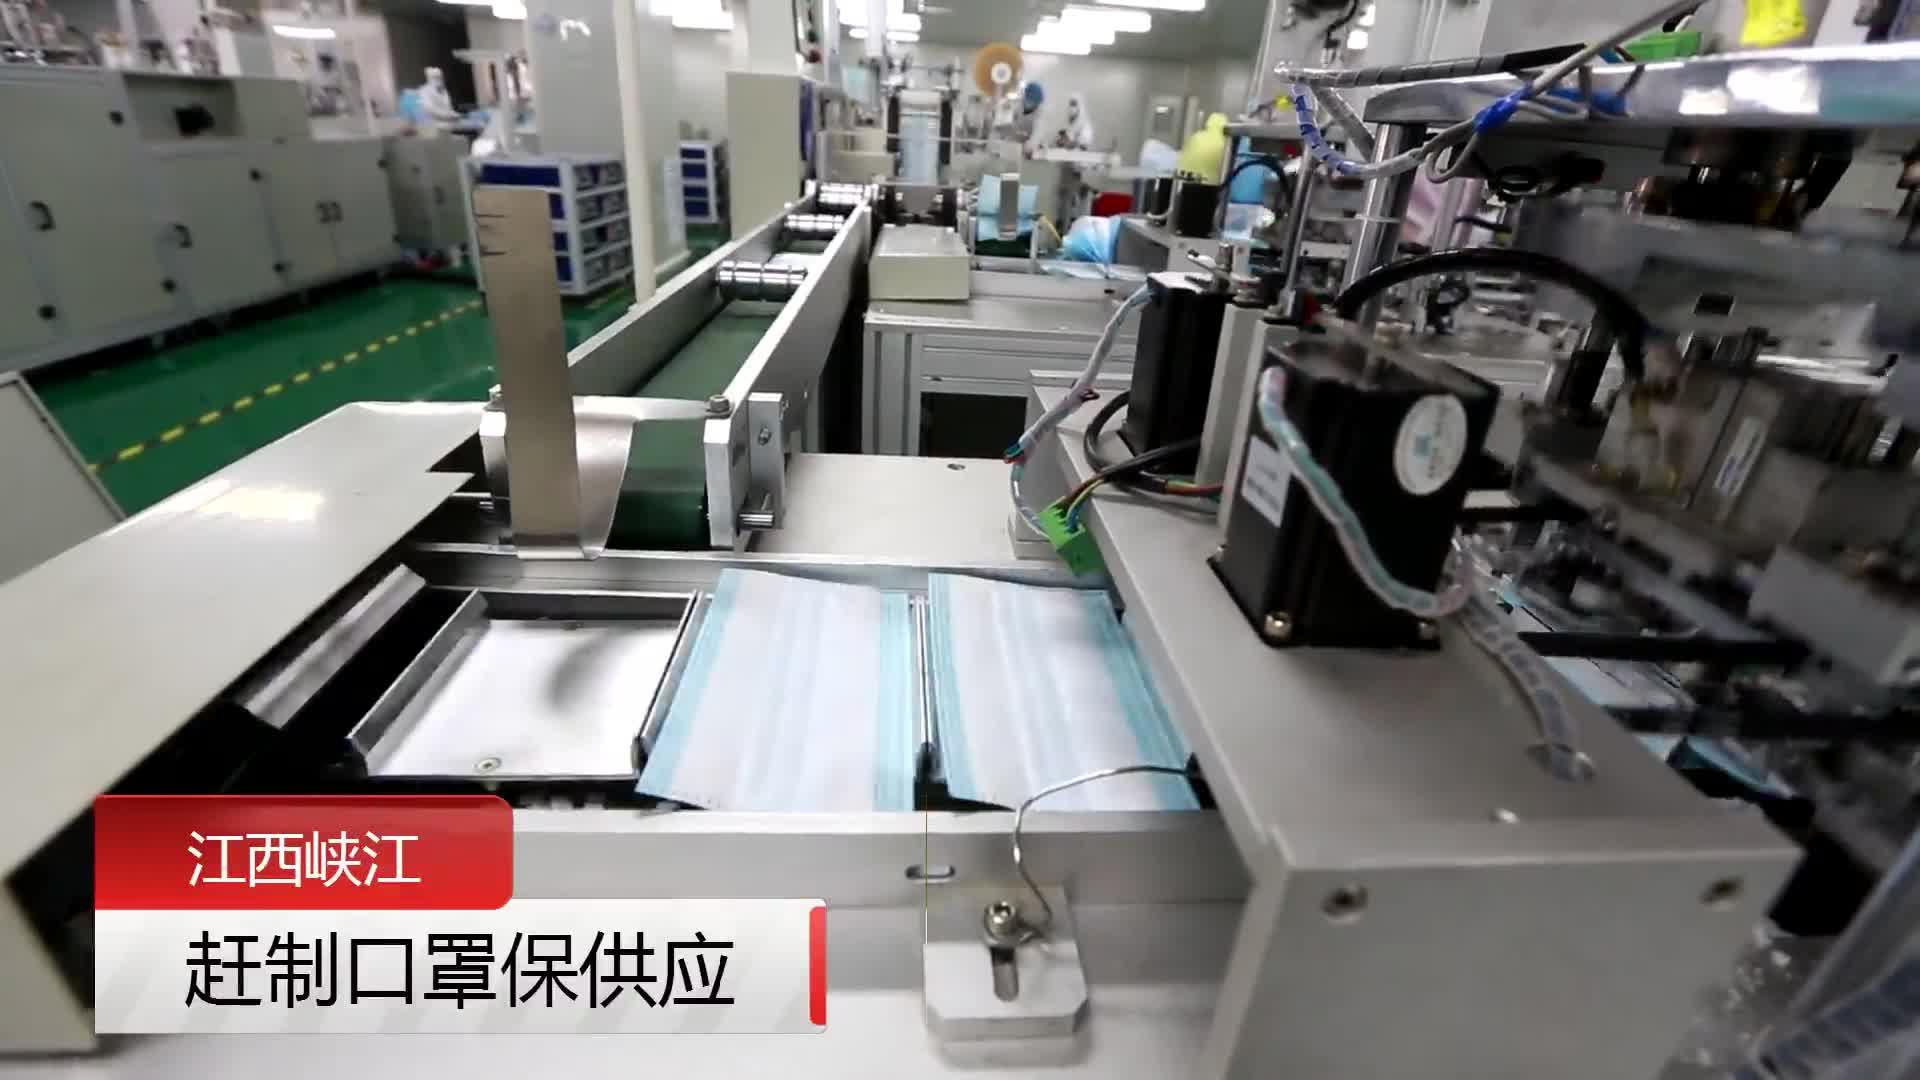 峡江:赶制口罩保供应